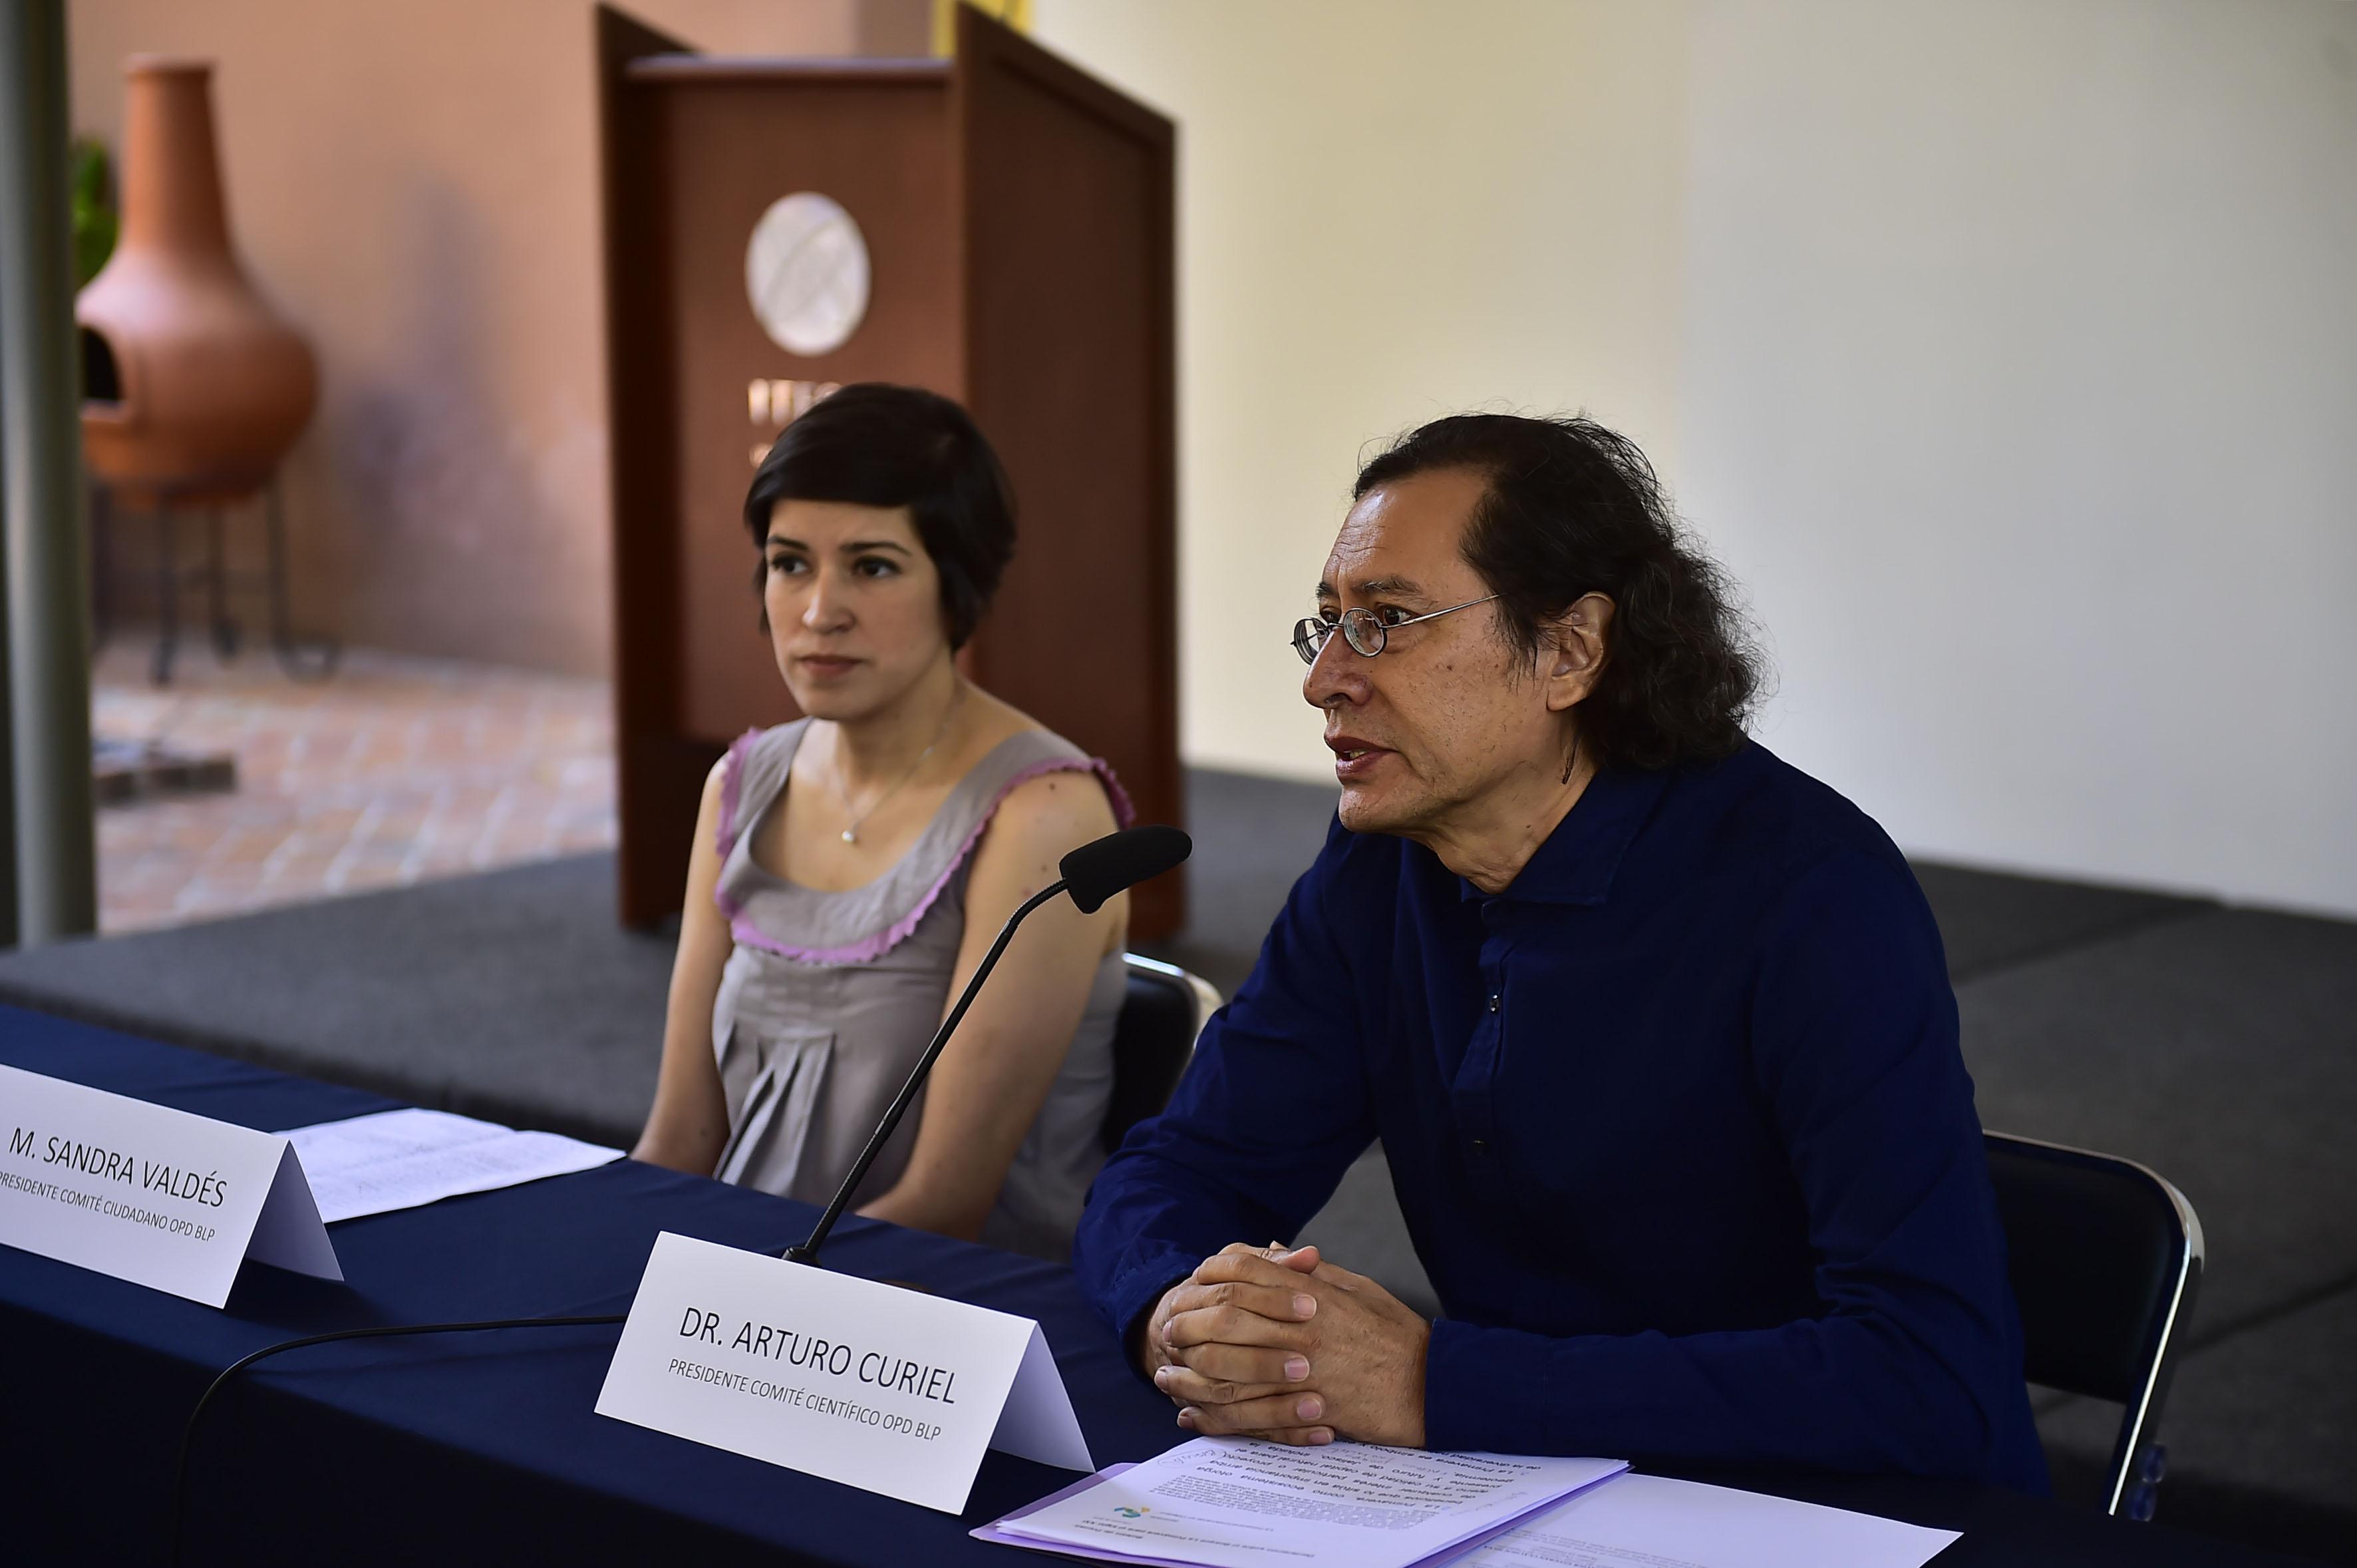 Investigador del Centro Universitario de Ciencias Biológicas y Agropecuarias (CUCBA) de la UdeG, doctor Arturo Curiel Ballesteros.haciendo uso de la palabra